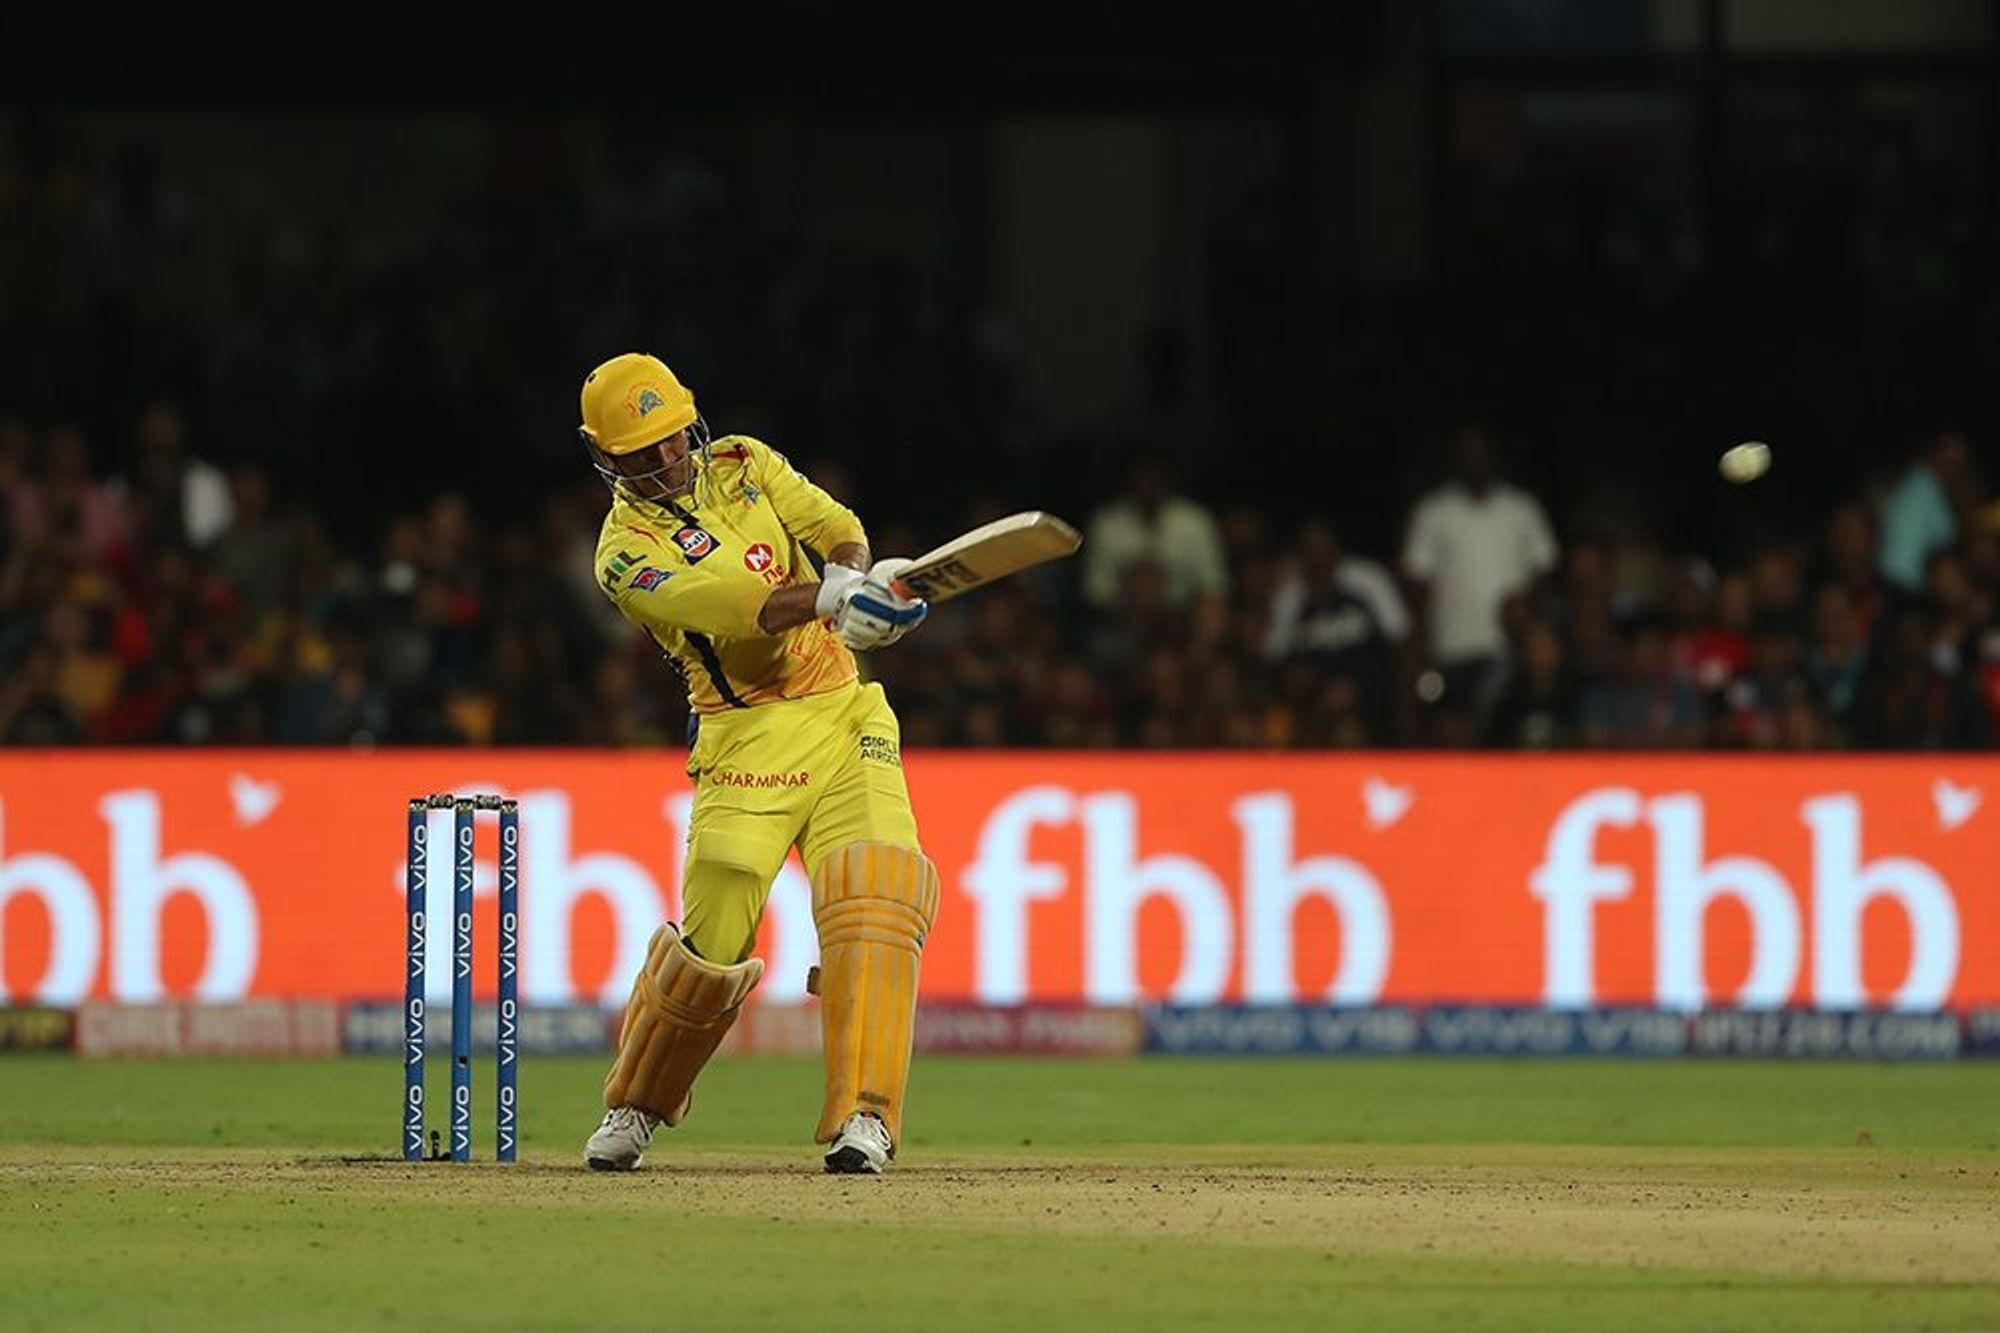 आईपीएल 2019 : बैंगलोर से हार के बाद भी 'महेंद्र सिंह धोनी' बने सुपरमैन 9